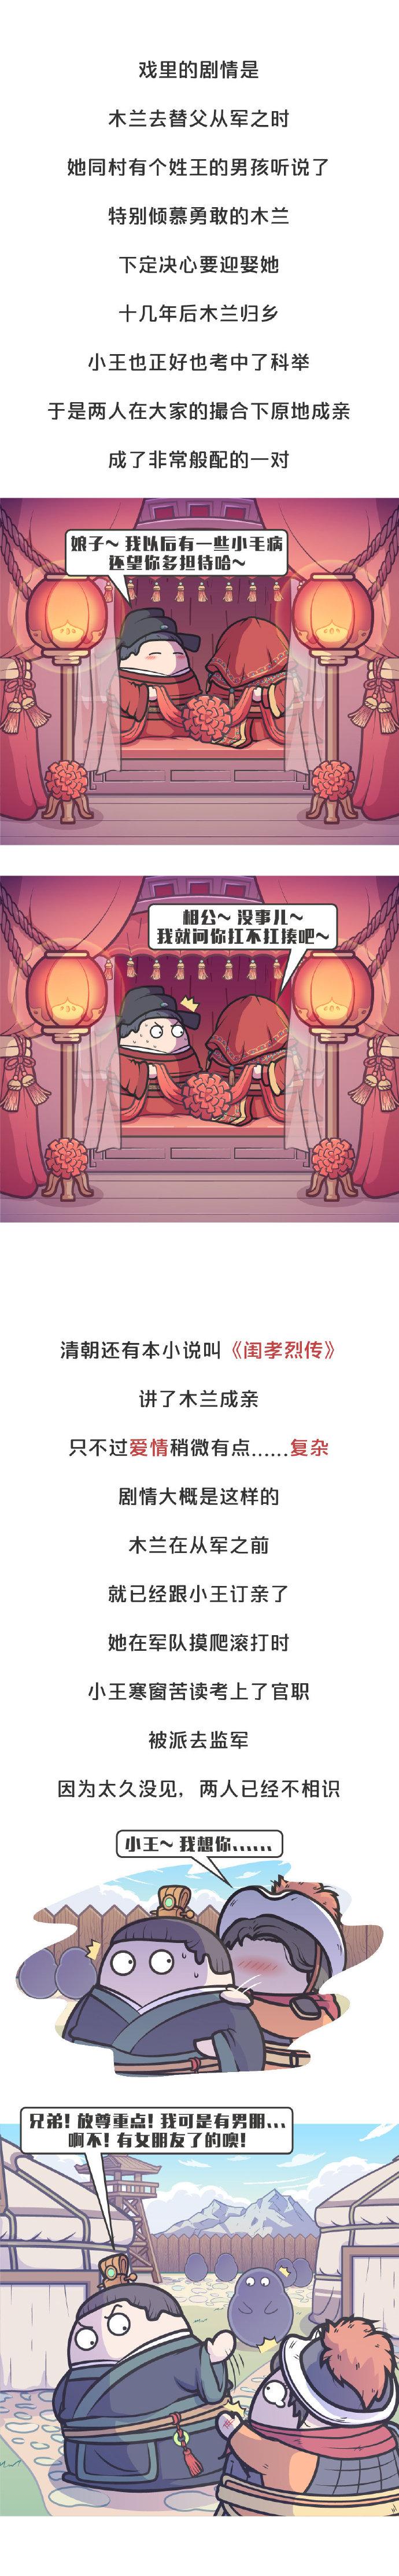 觉得《花木兰》拍得烂?木兰三角恋、回家就自杀的版本了解一下